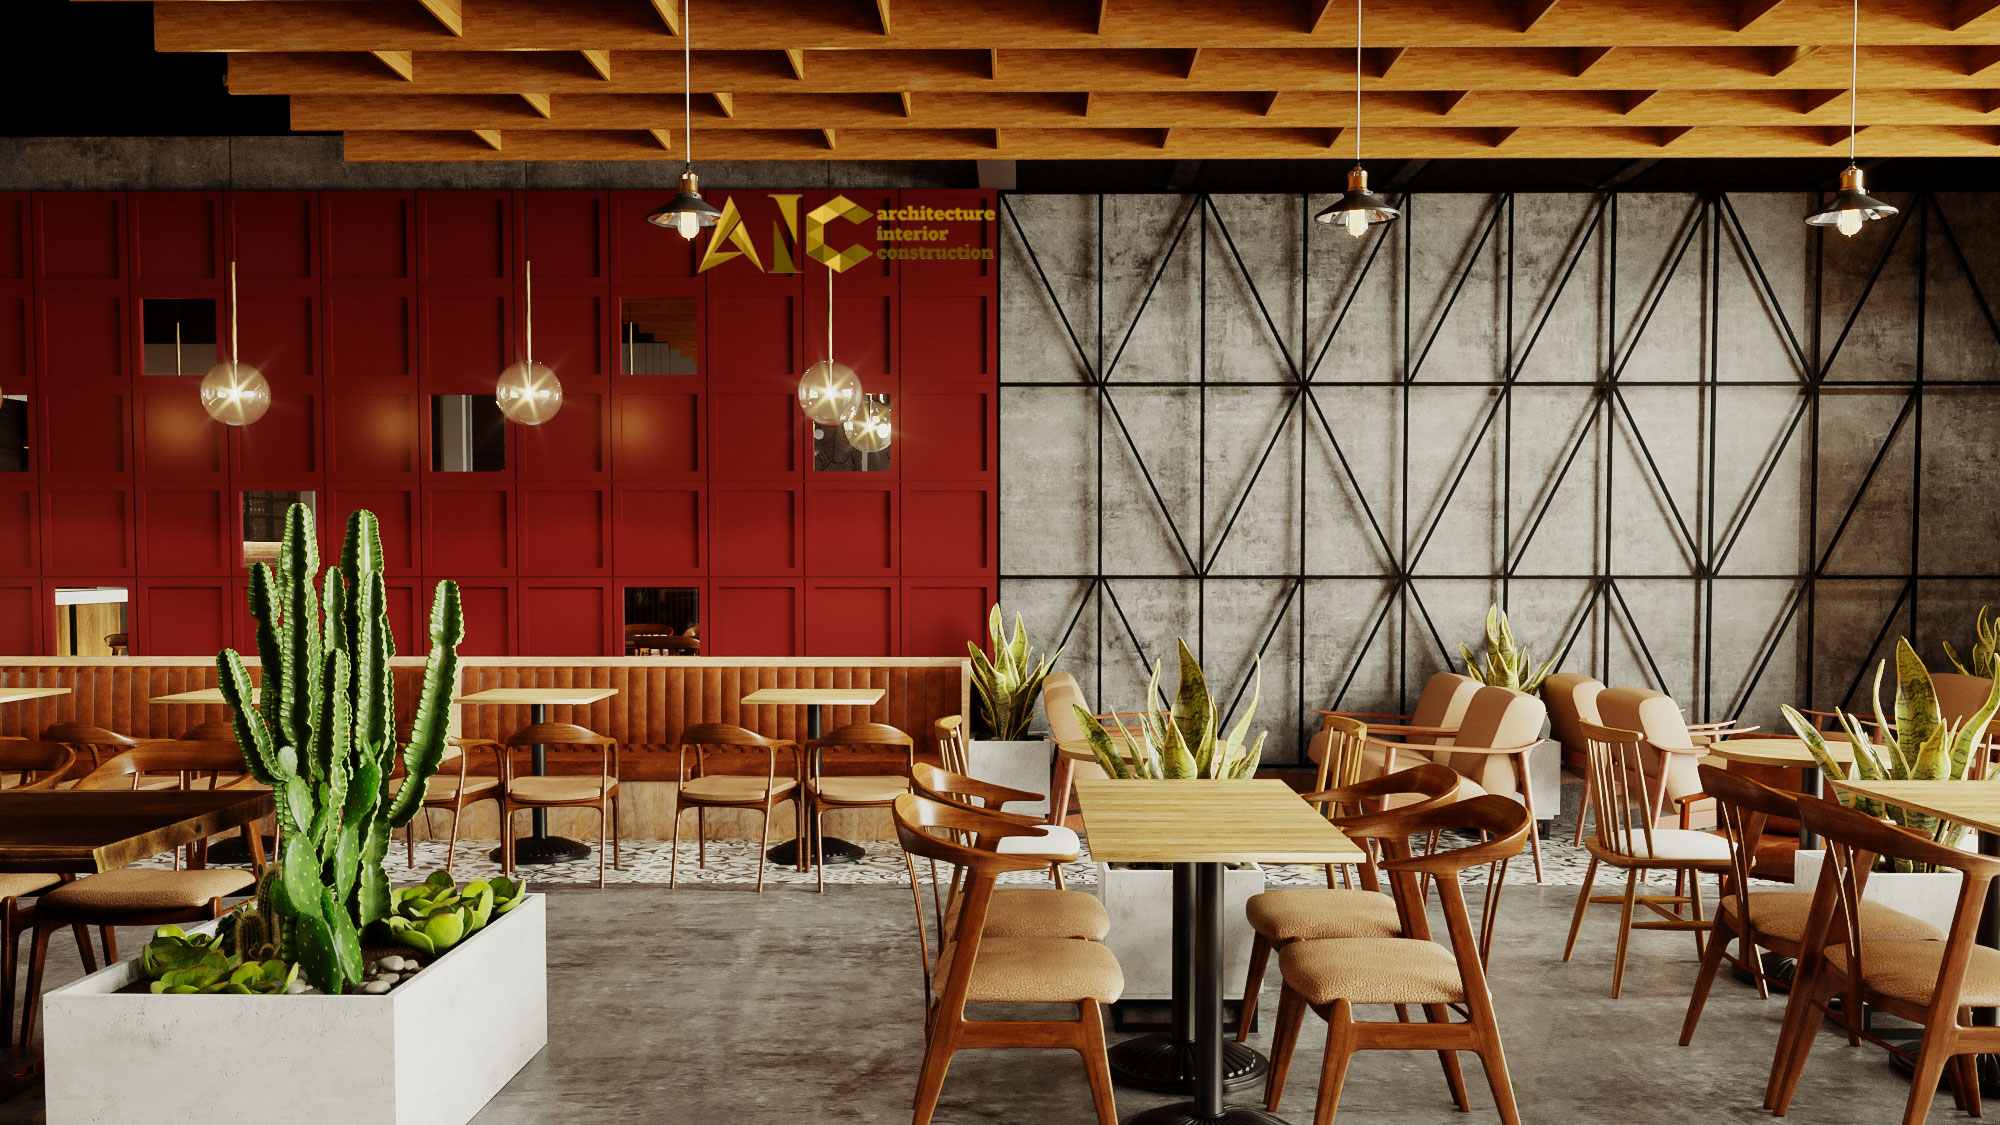 thiết kế và thi công khu cafe văn phòng Tantofaz- khu cafe văn phòng view 3